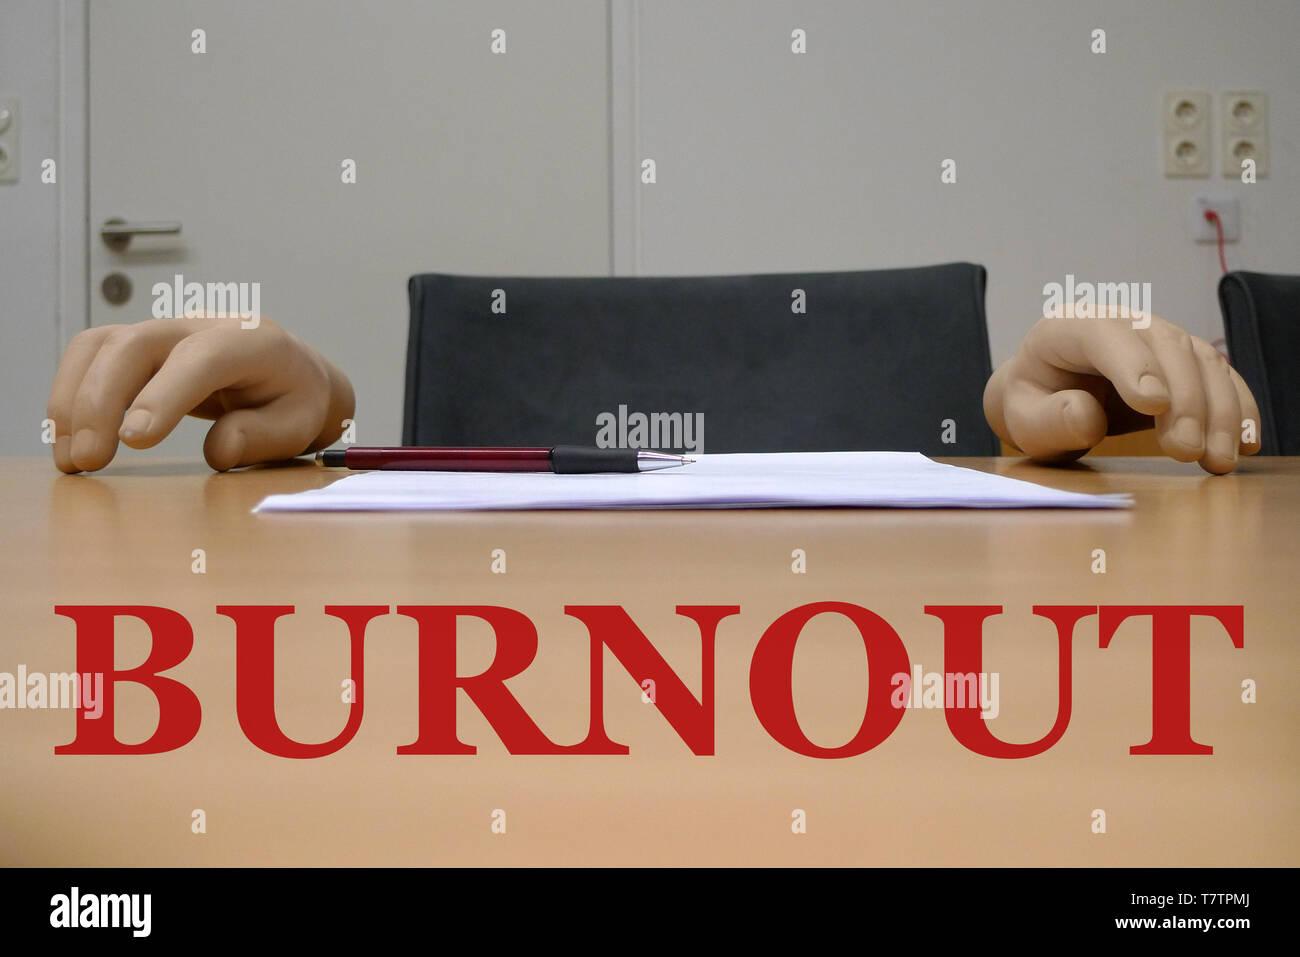 BURNOUT or BLANK SHEET - Stock Image